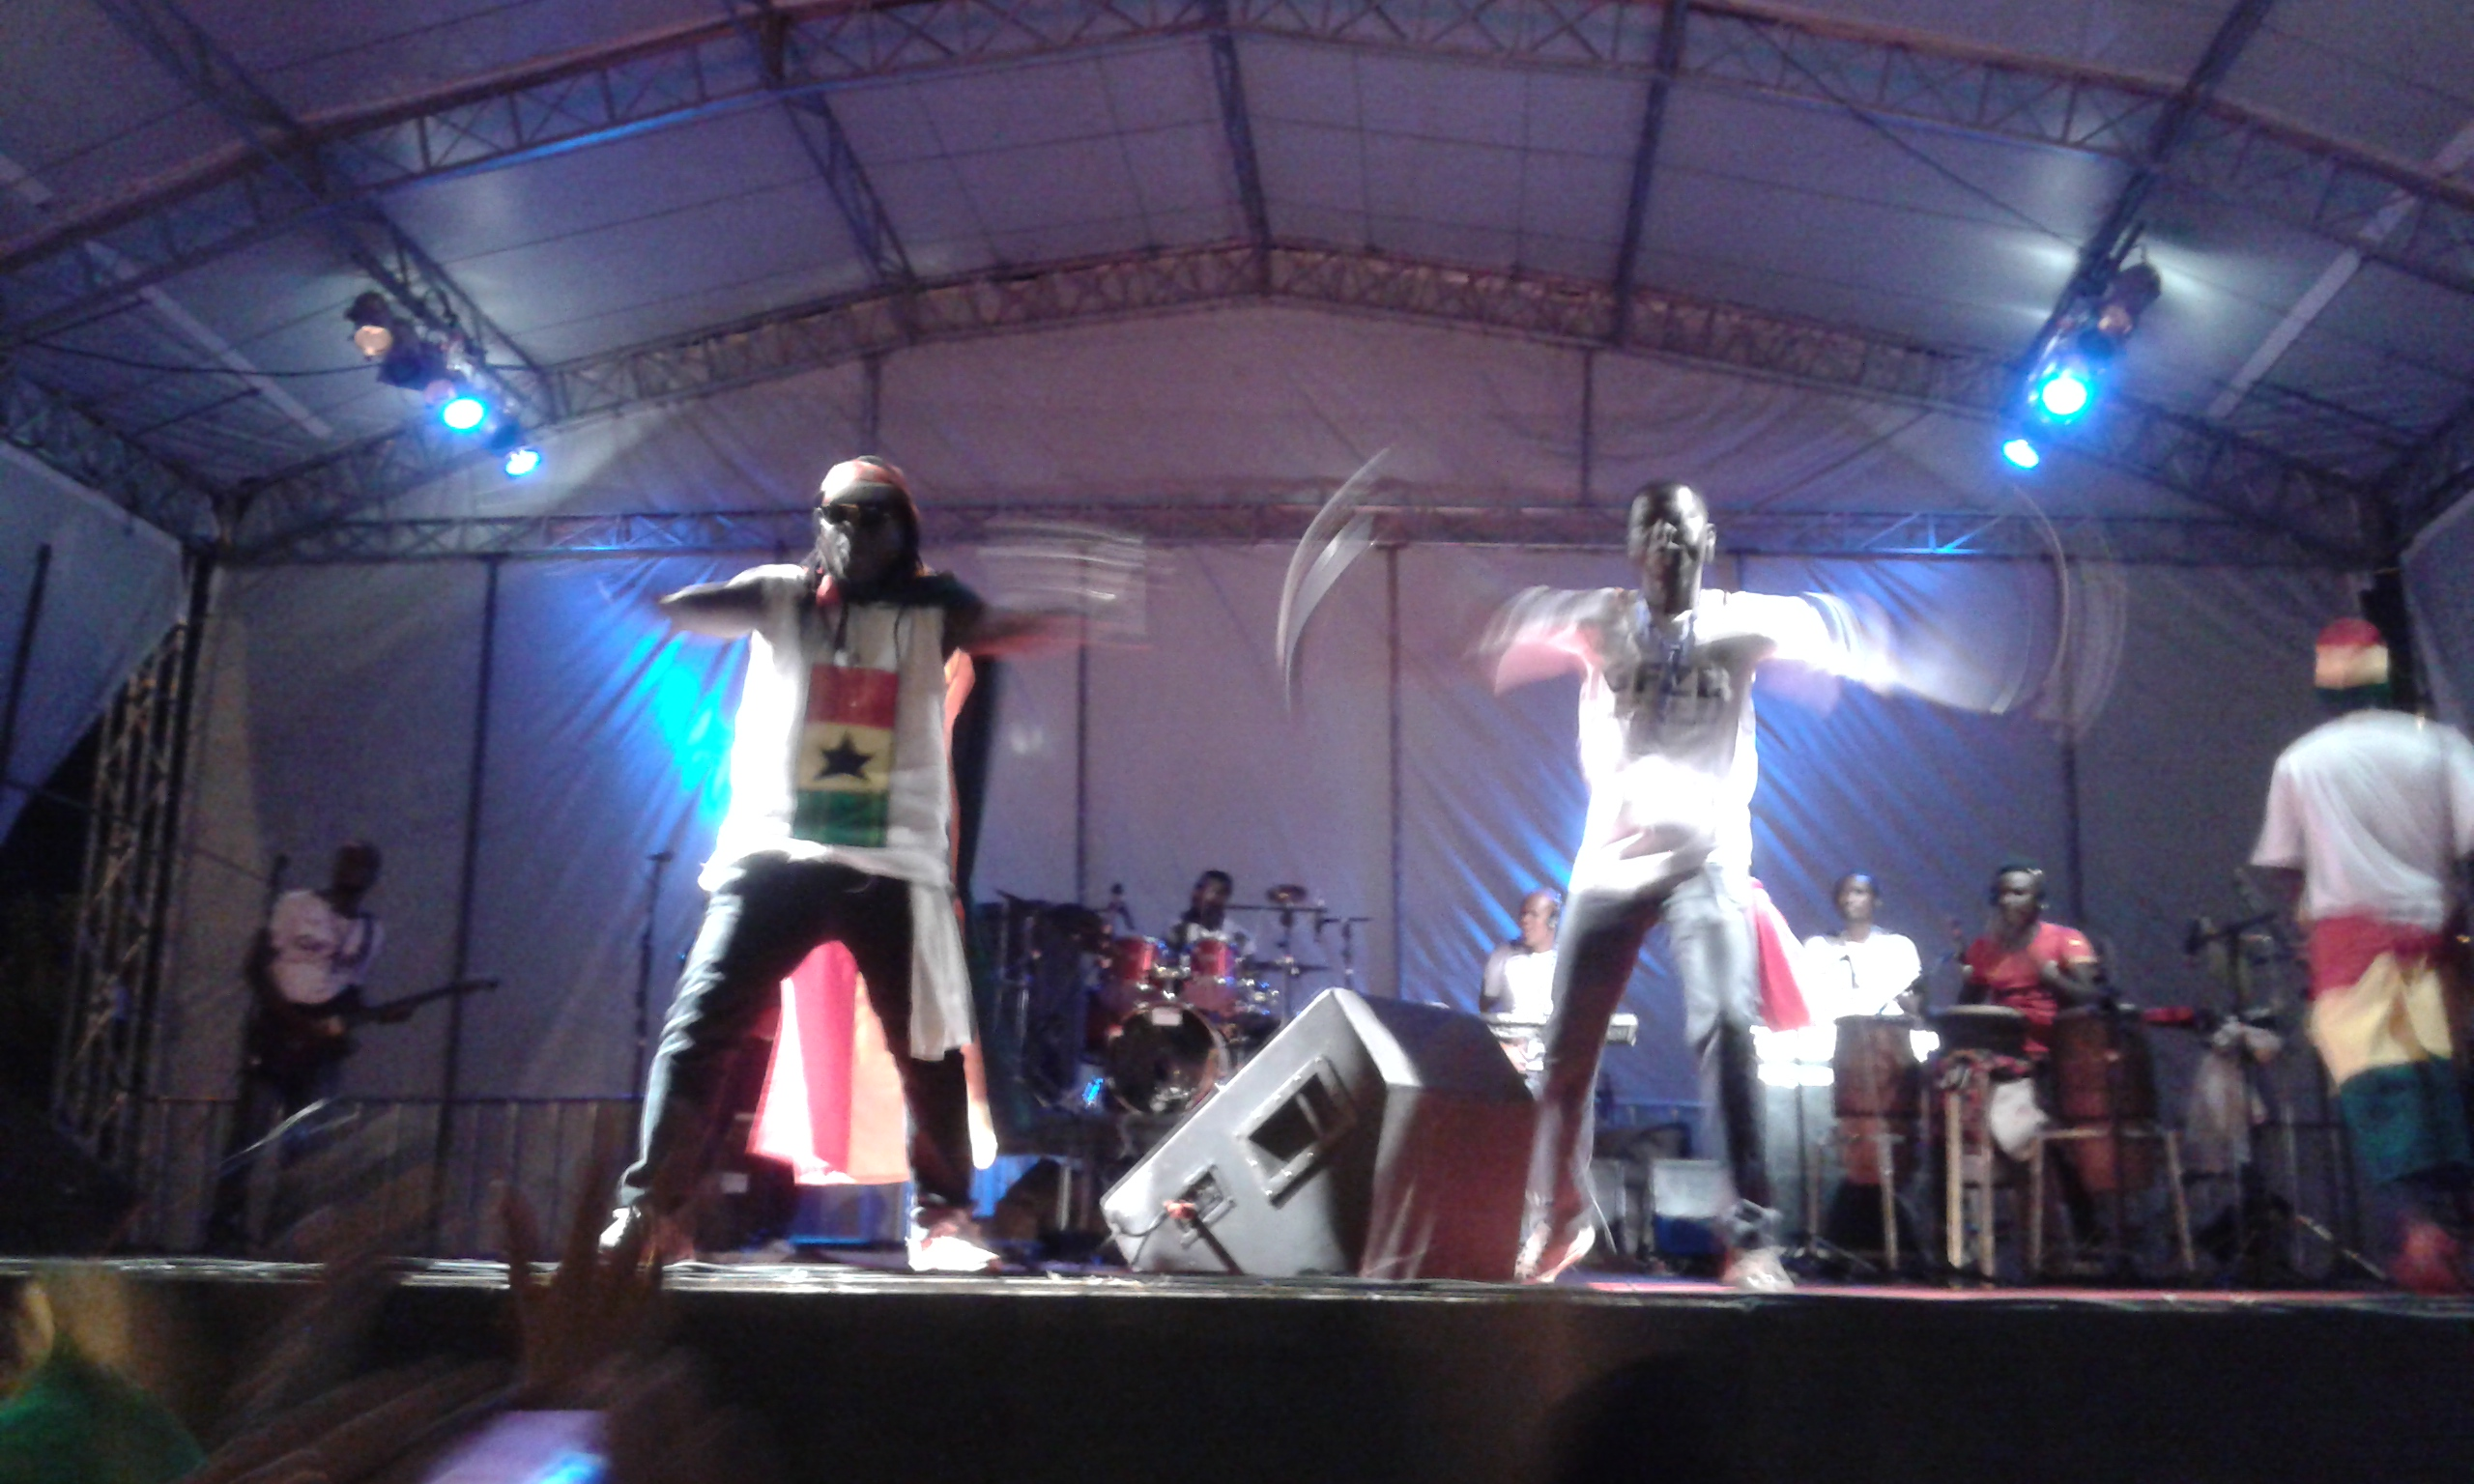 L'une grande présentation de la groupe ghanéenne Shabo Crew pendant le Festival Ghana - Brésil à Natal, aprés le match Ghana - États-Unis à Natal. (Crédit Photo: Fabio Santana).